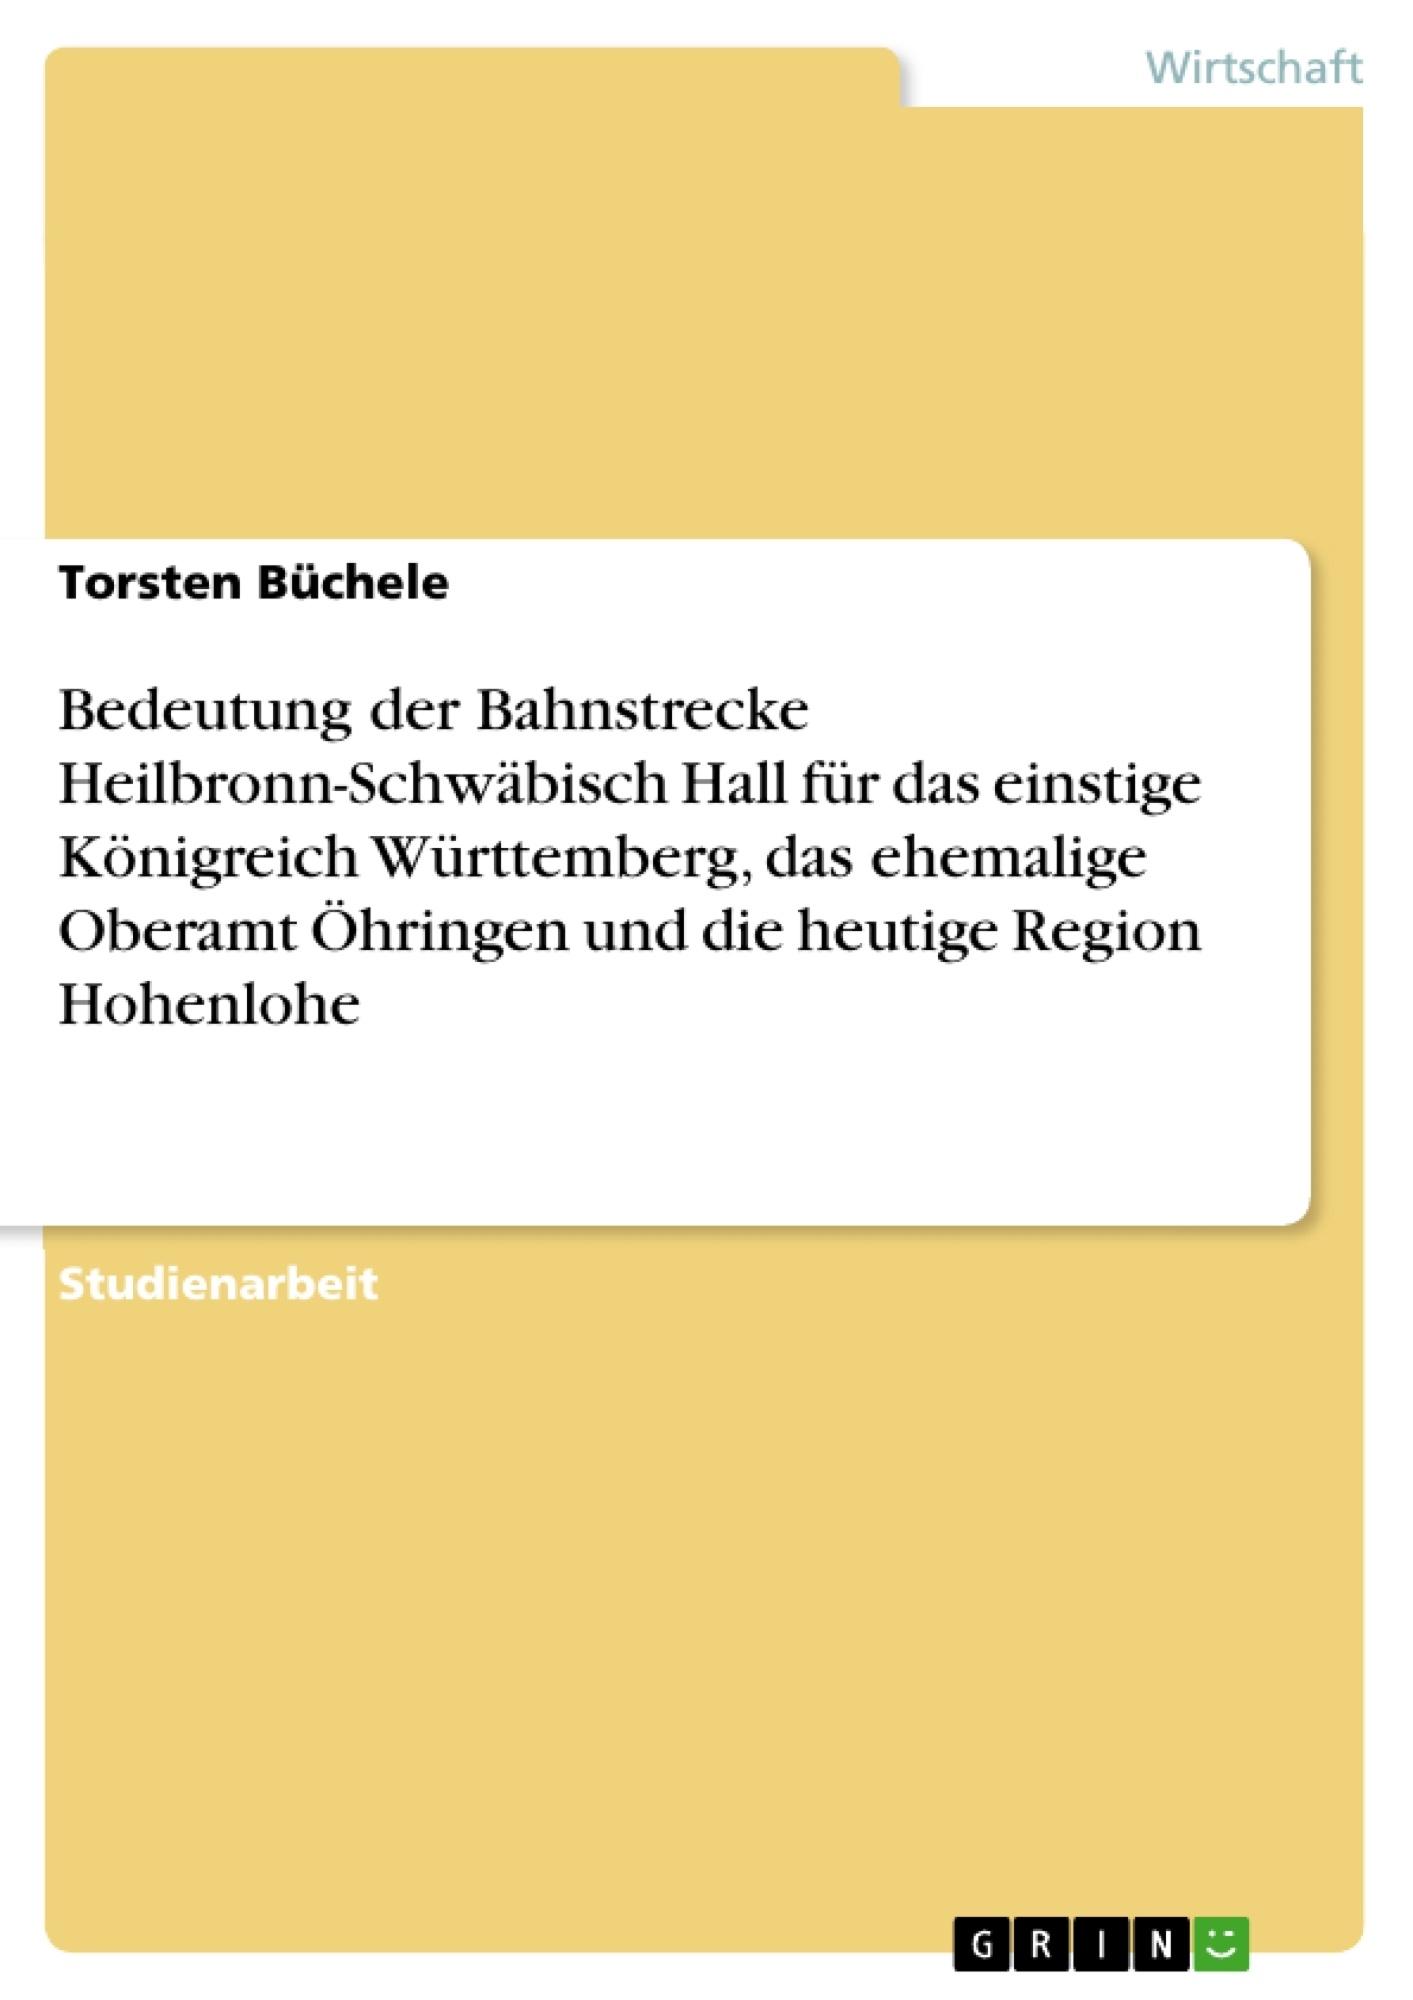 Titel: Bedeutung der Bahnstrecke Heilbronn-Schwäbisch Hall für das einstige Königreich Württemberg, das ehemalige Oberamt Öhringen und die heutige Region Hohenlohe